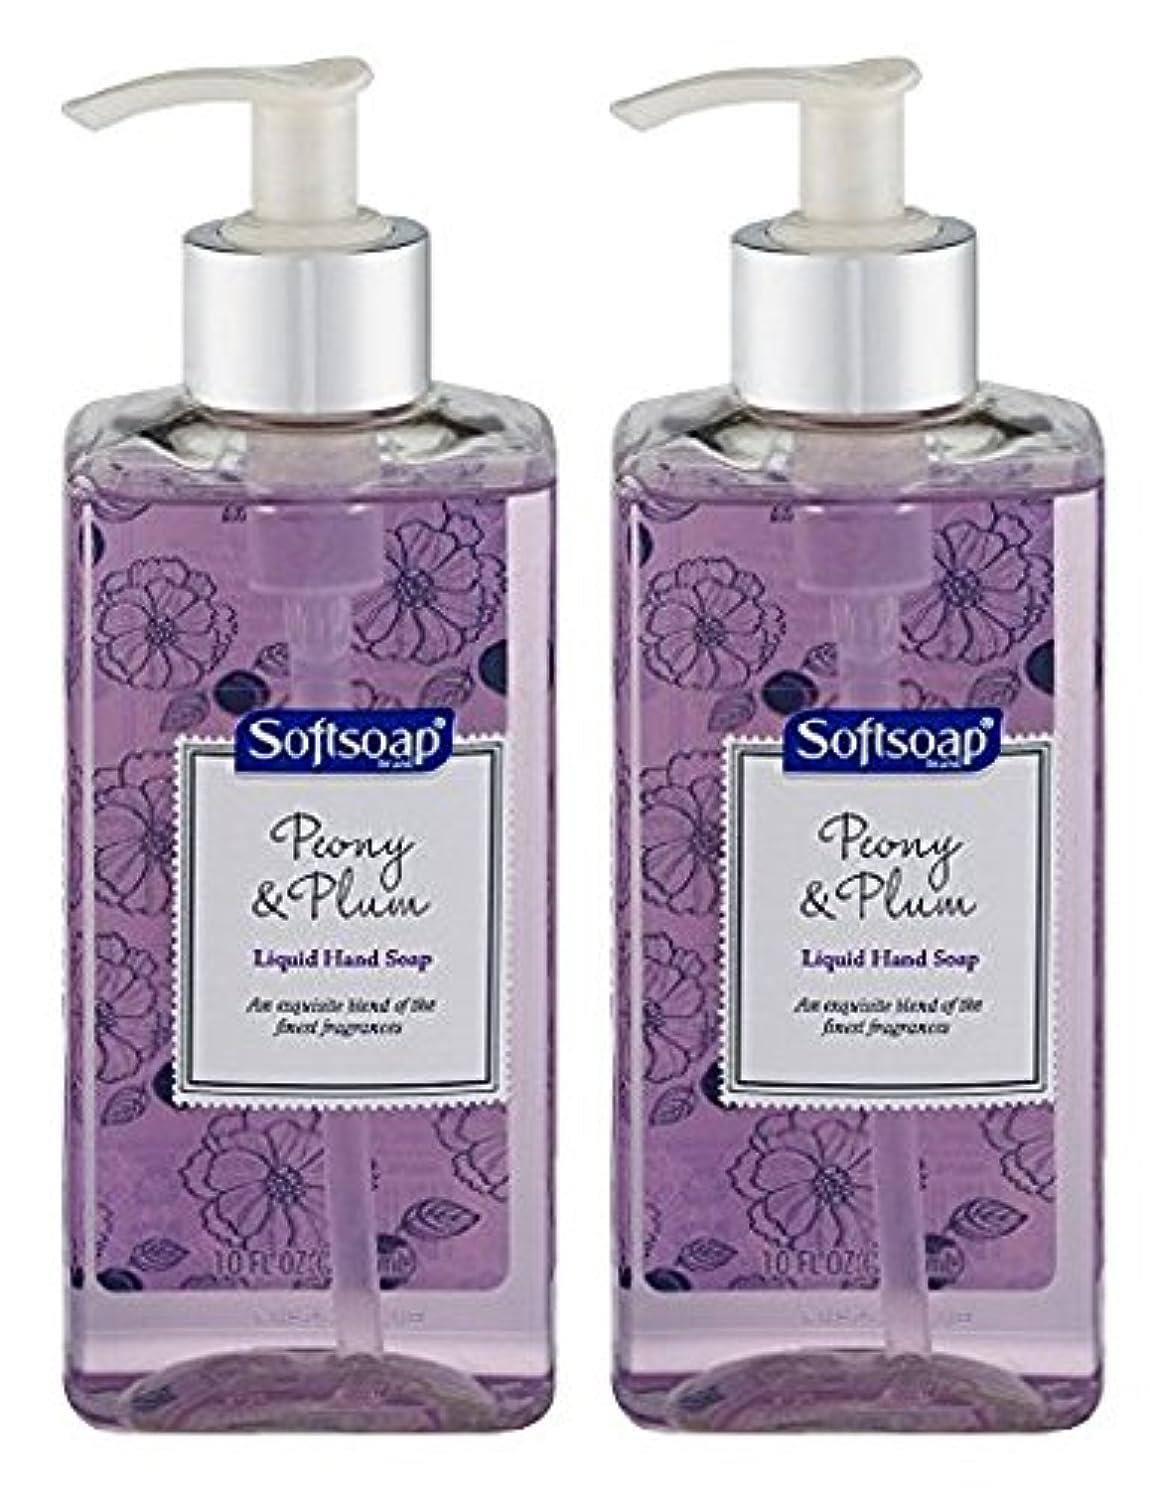 ピッチ近く成功したSoftsoap Hand Soap, Peony & Plum 10 Fl Oz (Pack of 2) by Softsoap